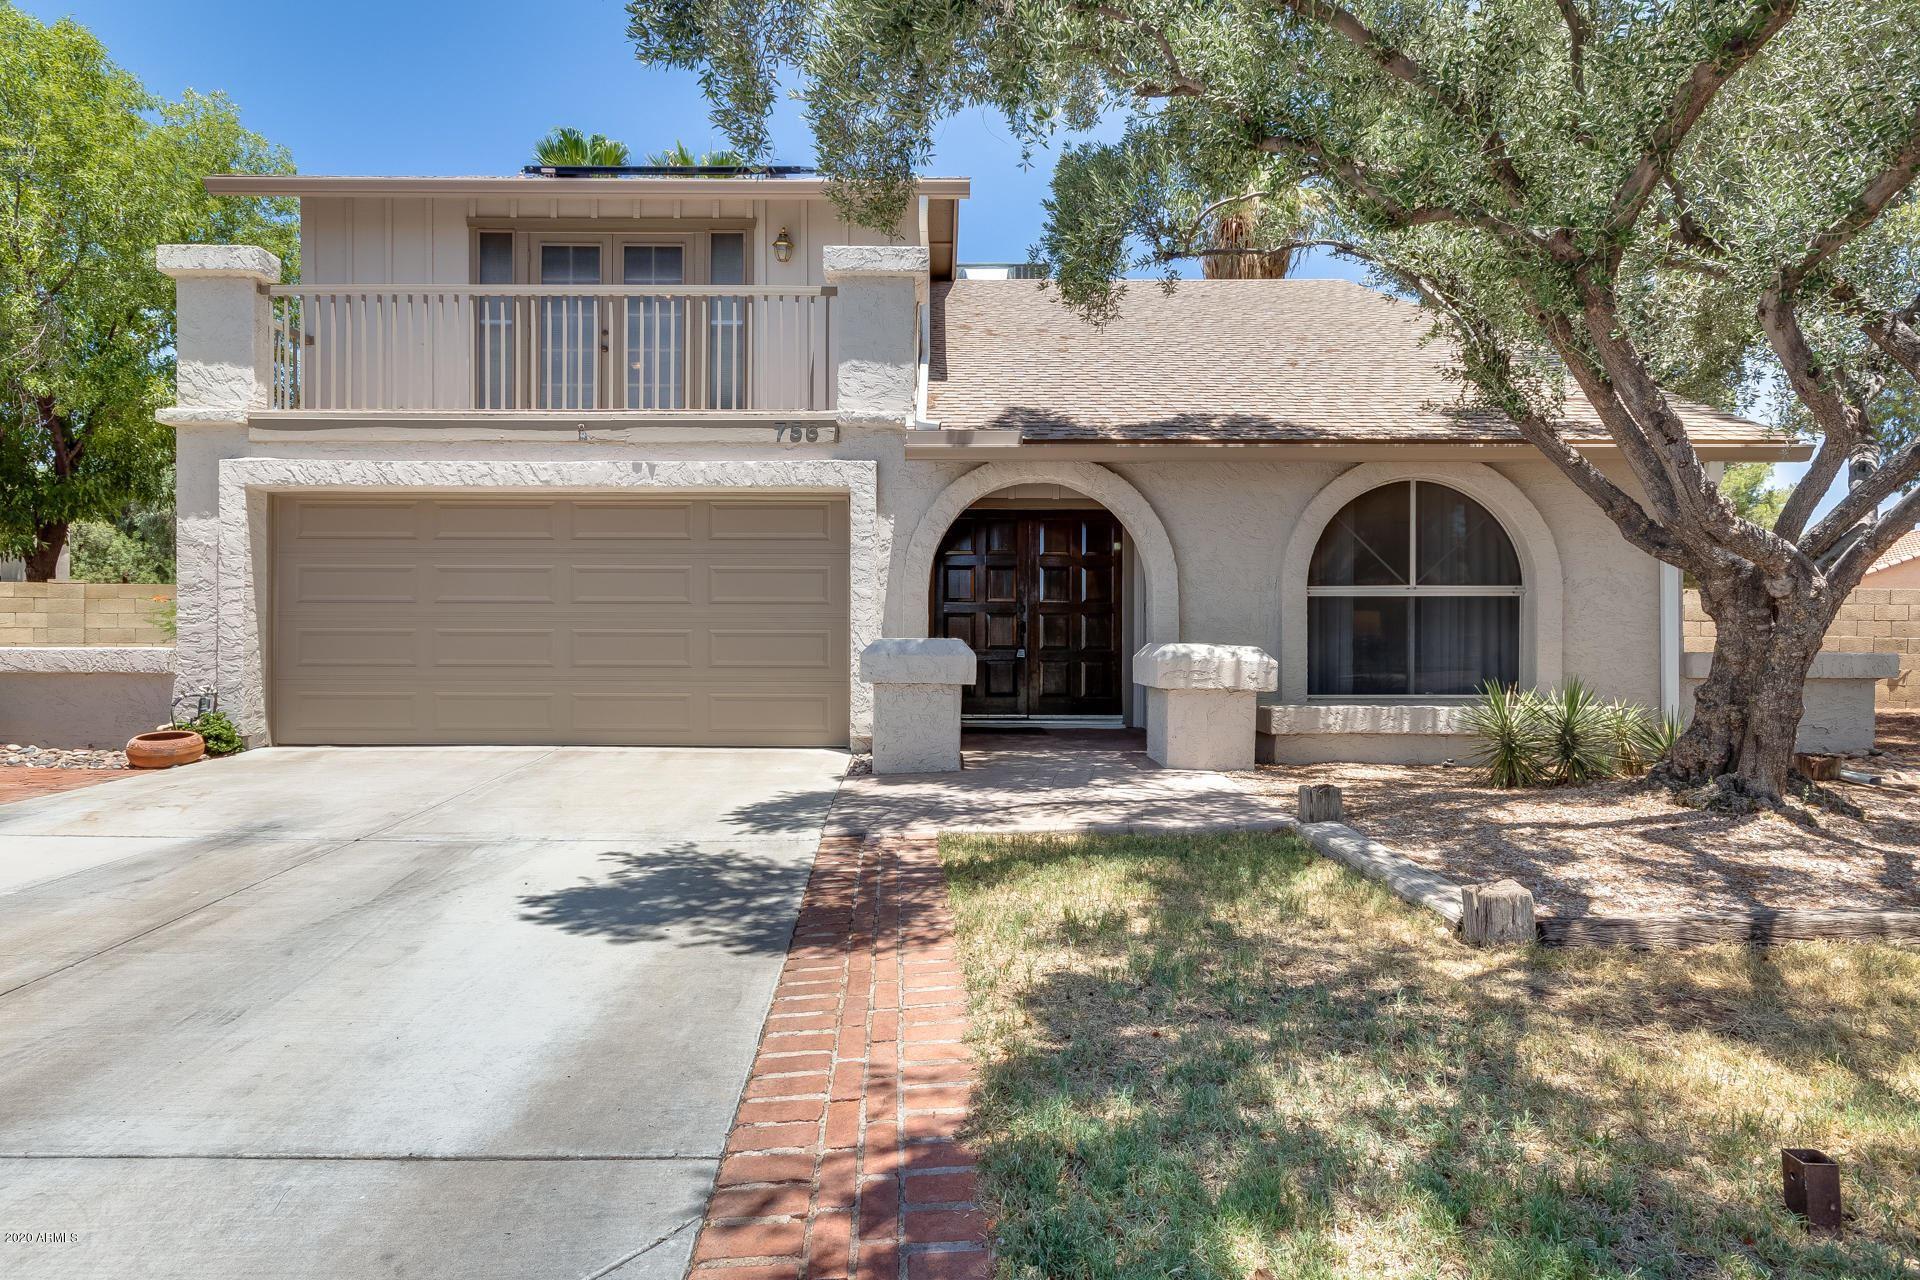 756 W NIDO Circle, Mesa, AZ 85210 - #: 6095918